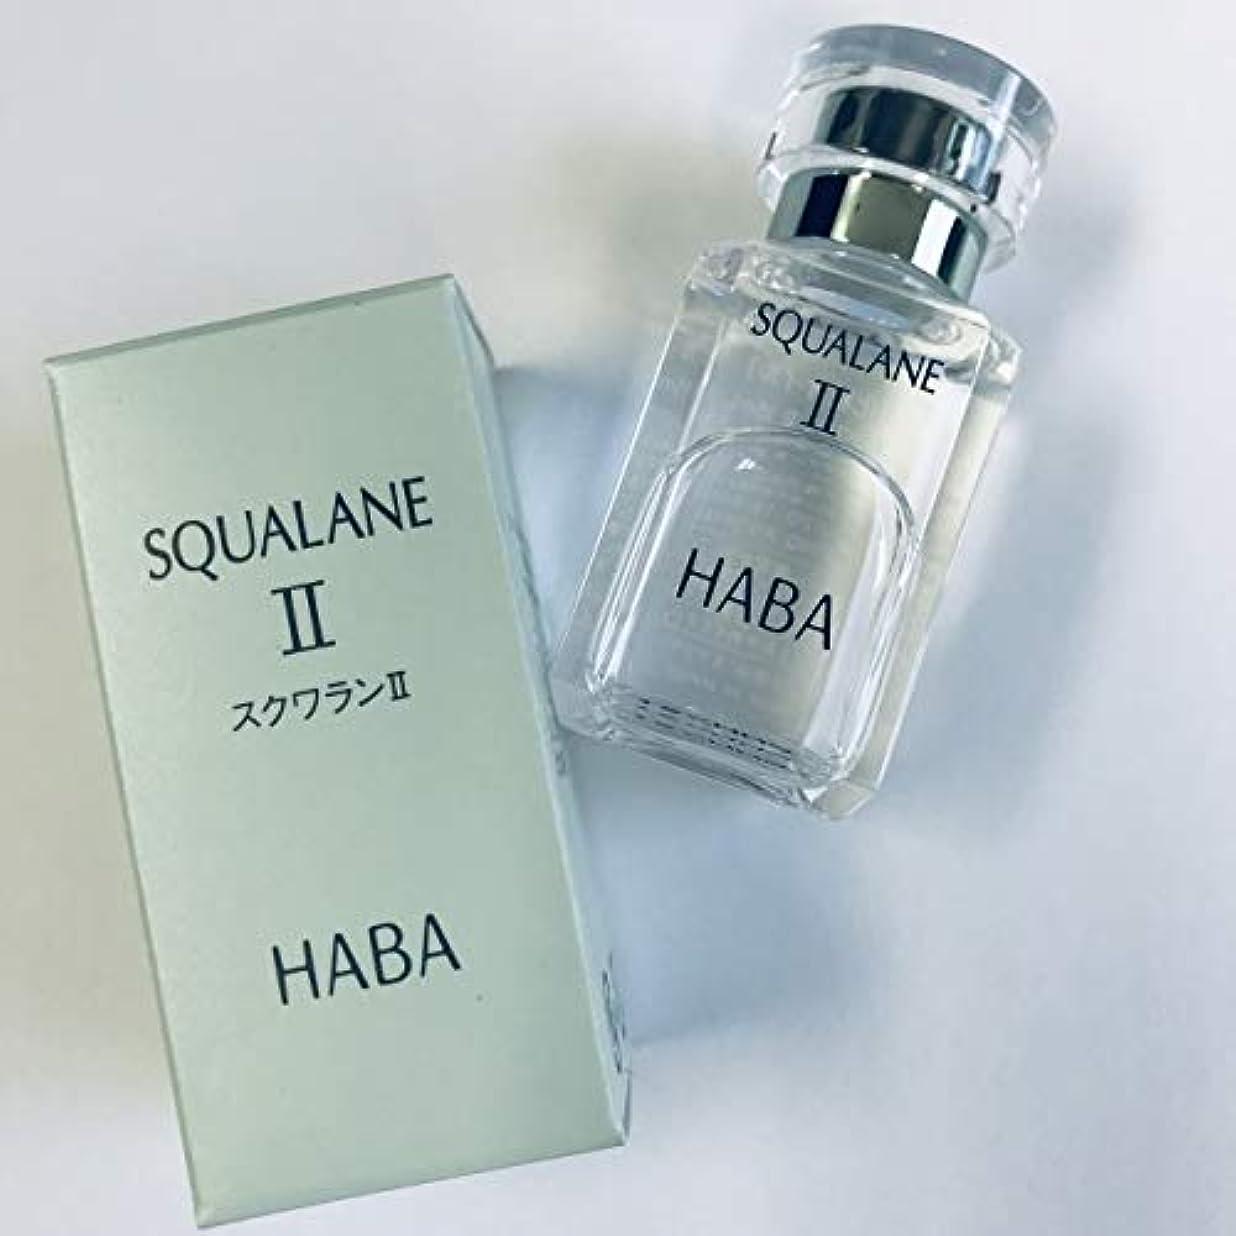 思春期のアラーム読みやすいHABA ハーバー  スクワランII 15mL